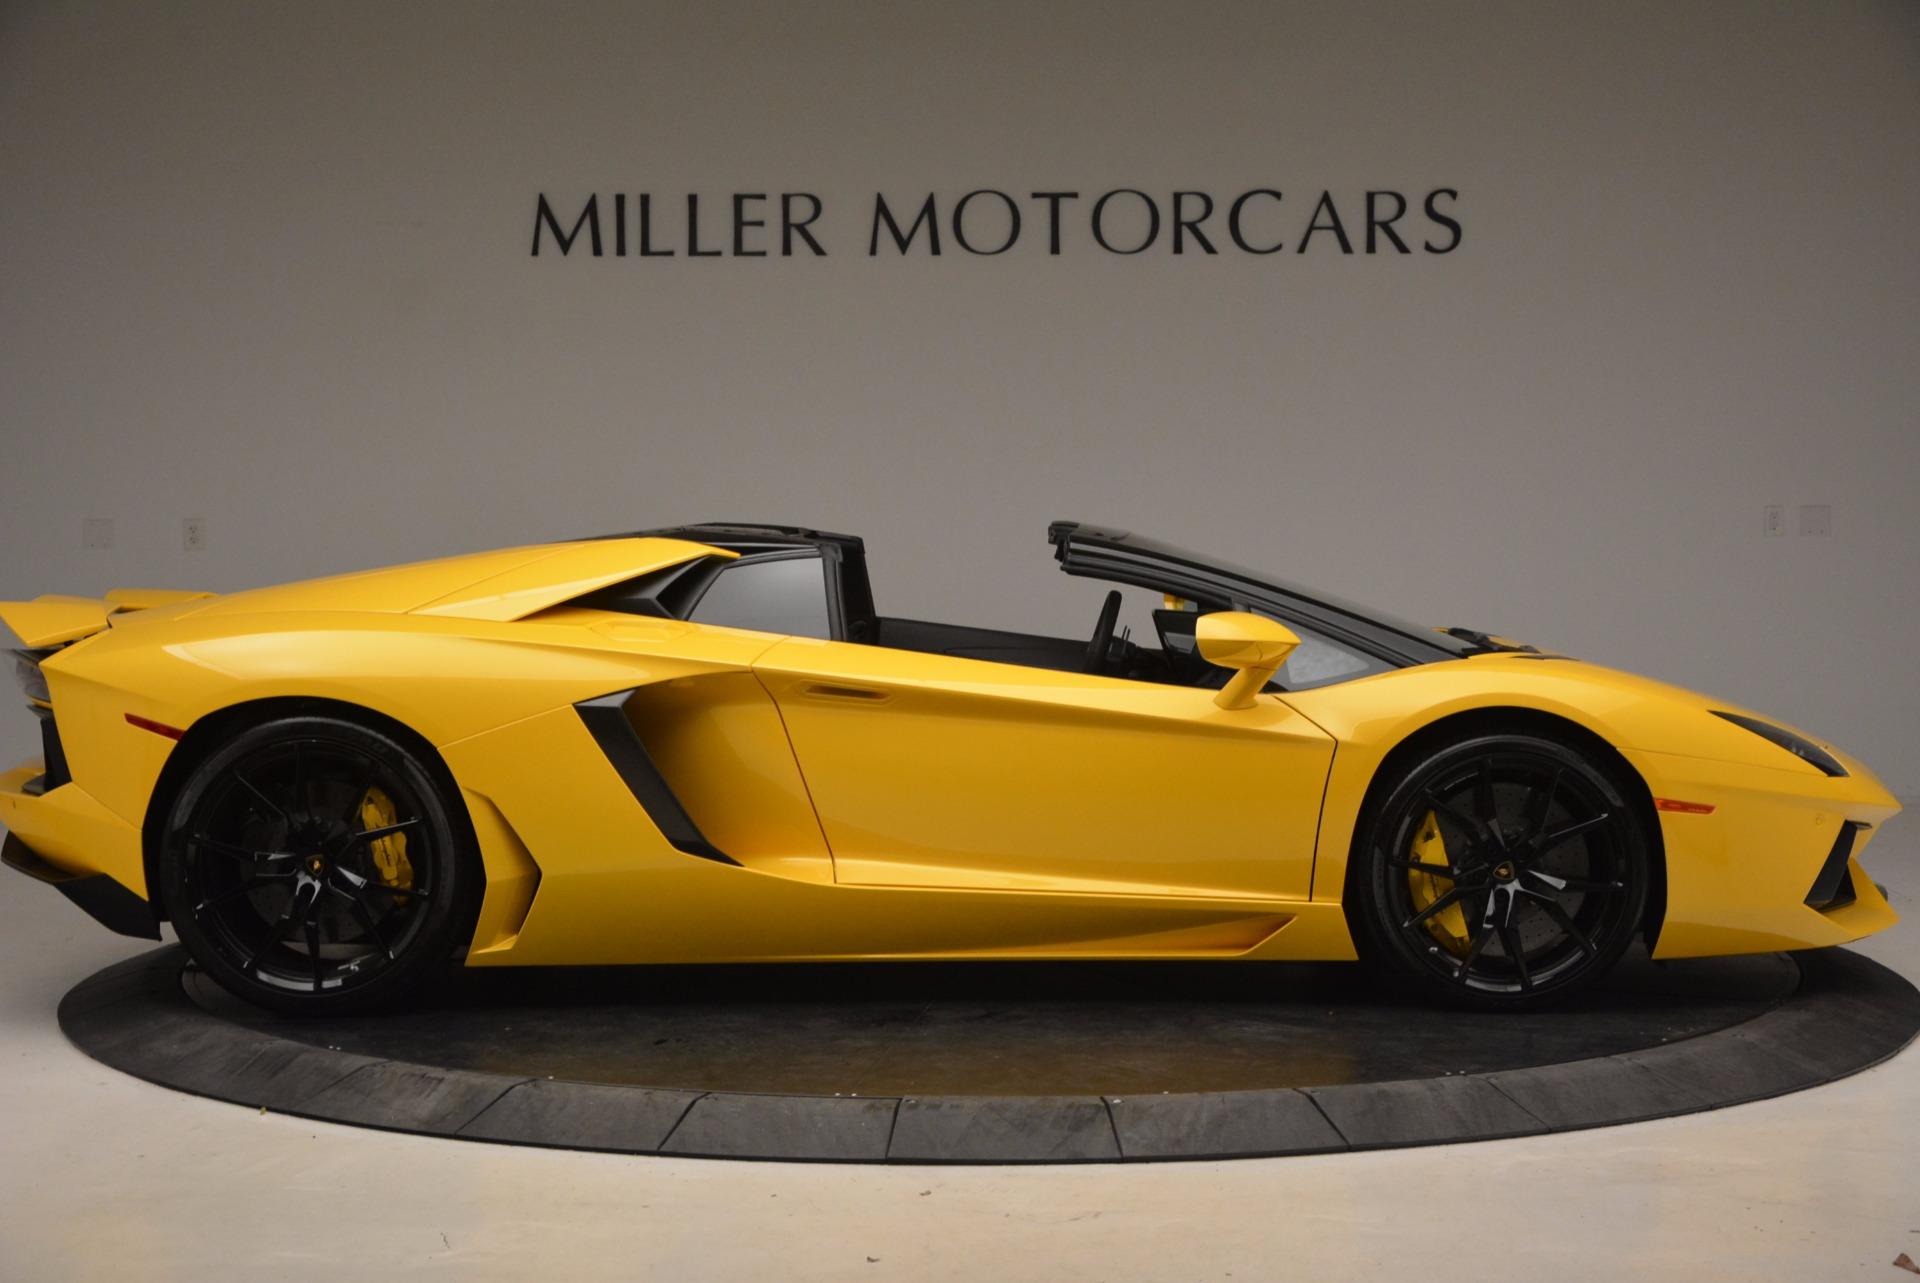 Used 2015 Lamborghini Aventador LP 700-4 Roadster For Sale In Greenwich, CT. Alfa Romeo of Greenwich, 7284 1774_p10